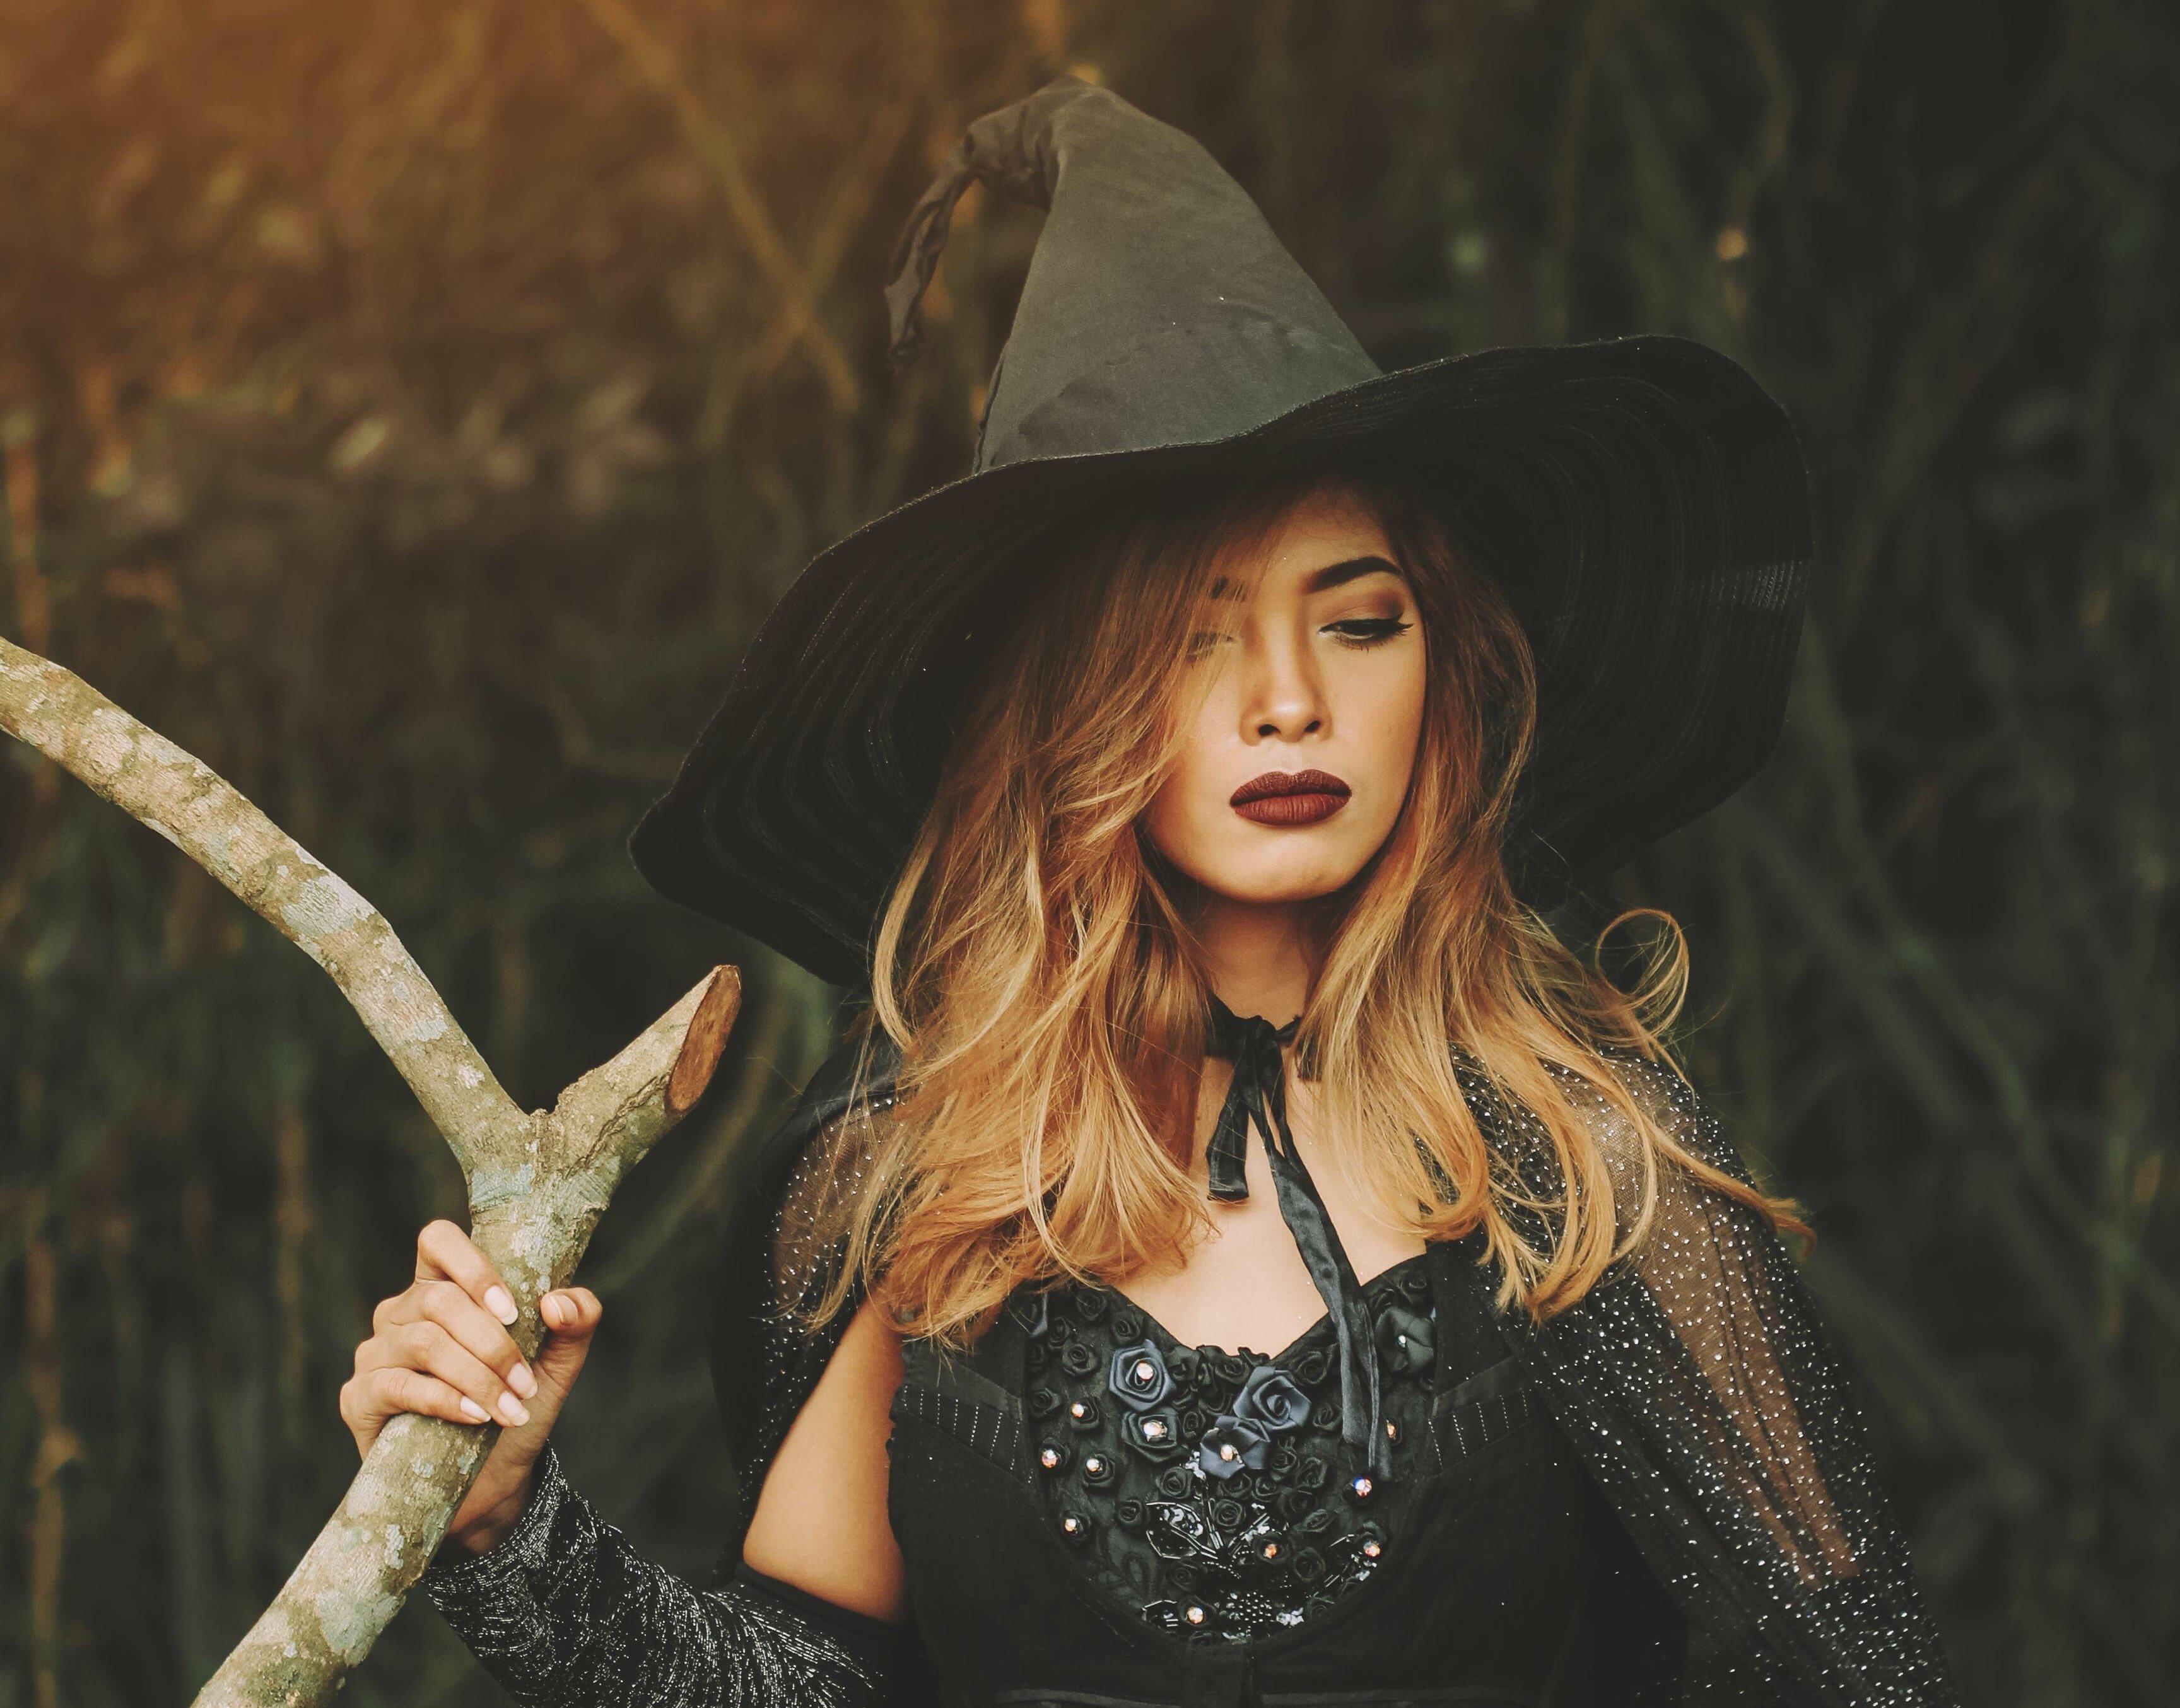 Si quieres lucir una mirada terrorífica, el disfraz de bruja sexy es tu mejor opción